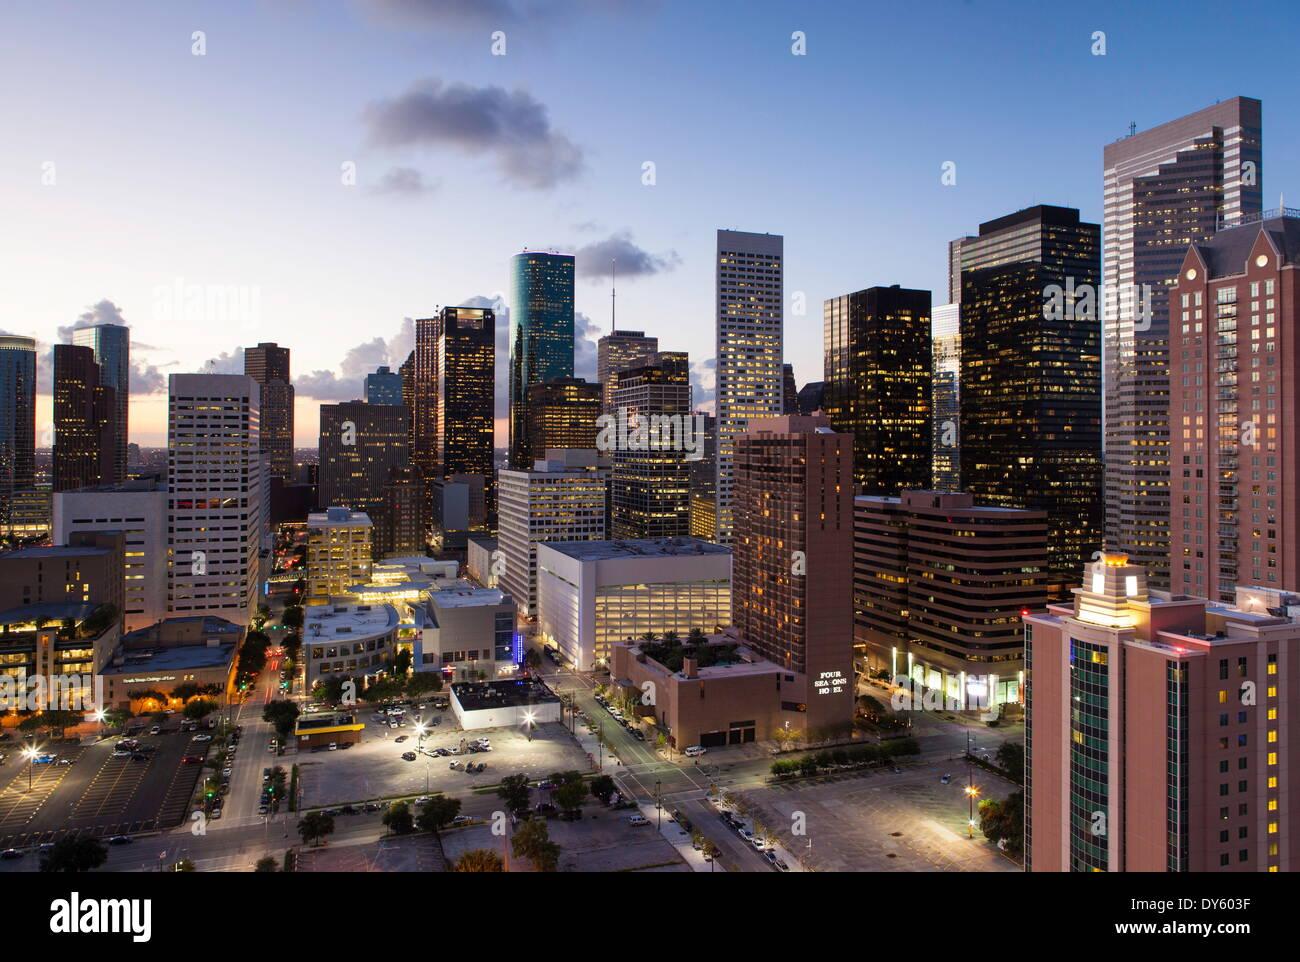 El centro de la ciudad de Houston, Texas, Estados Unidos de América, América del Norte Foto de stock